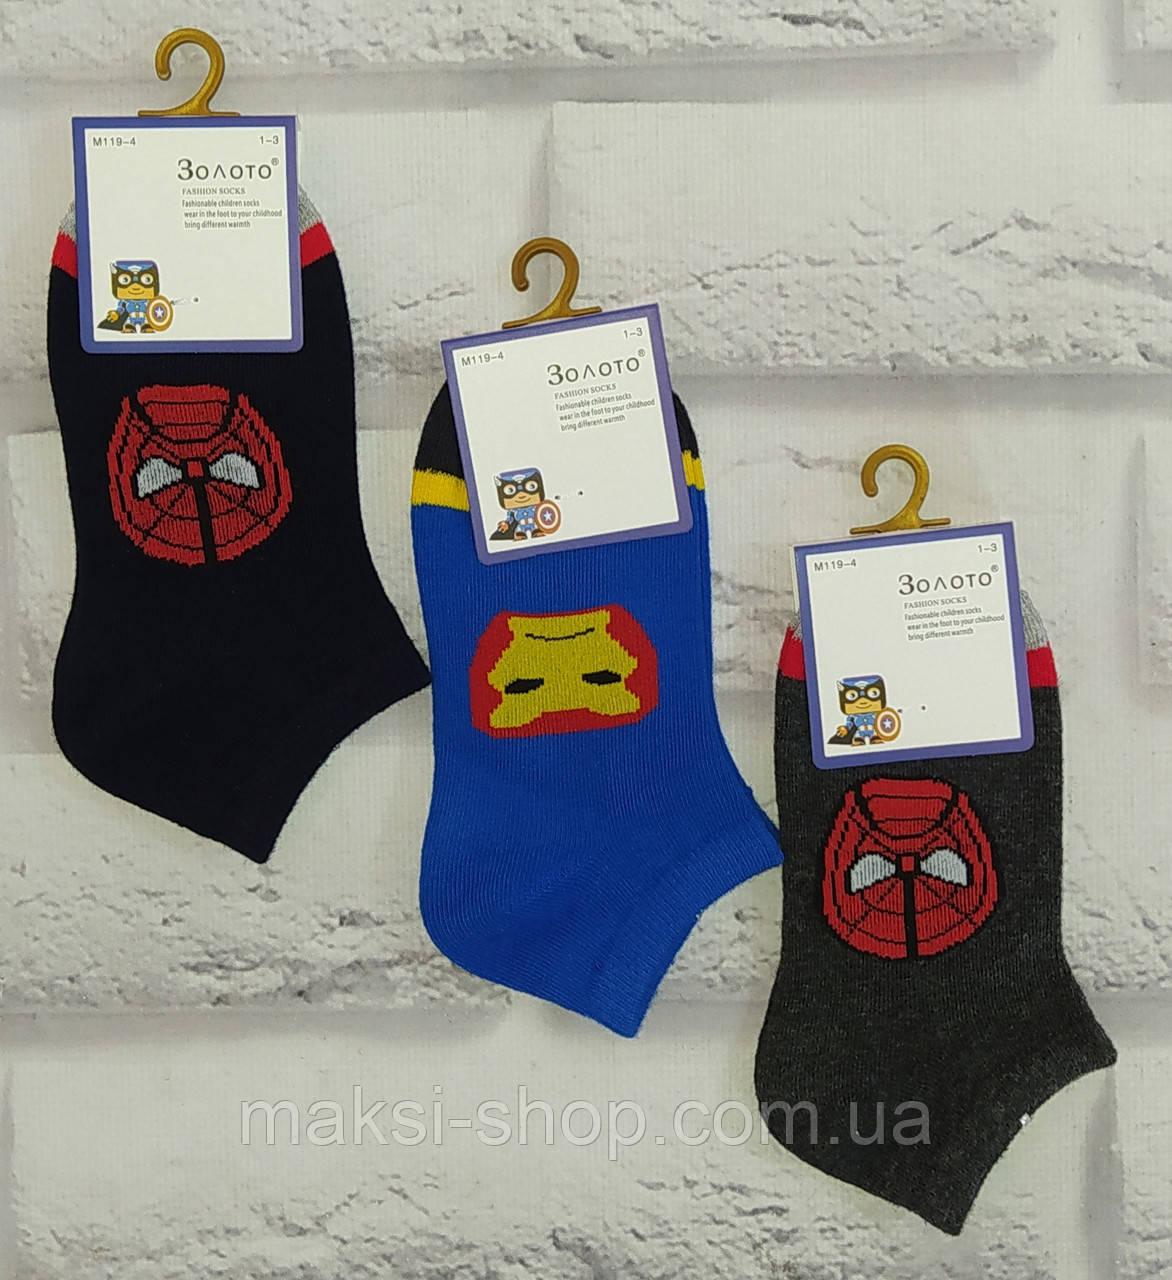 Носки для мальчиков детские за 1 пару 22-26 раз. обуви. Золото